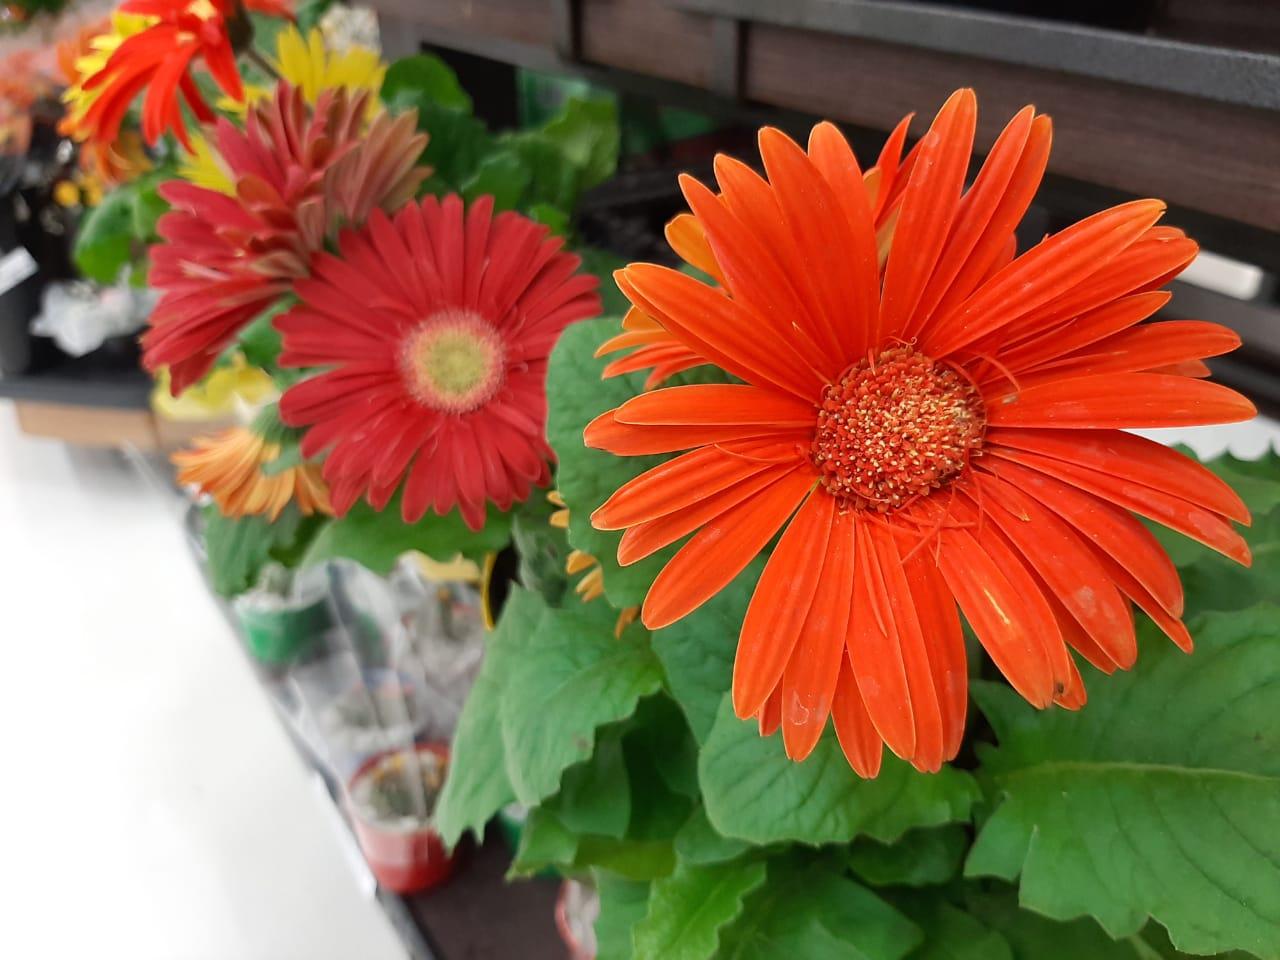 Dia das Flores: saiba onde encontrar, como cultivar e seus benefícios